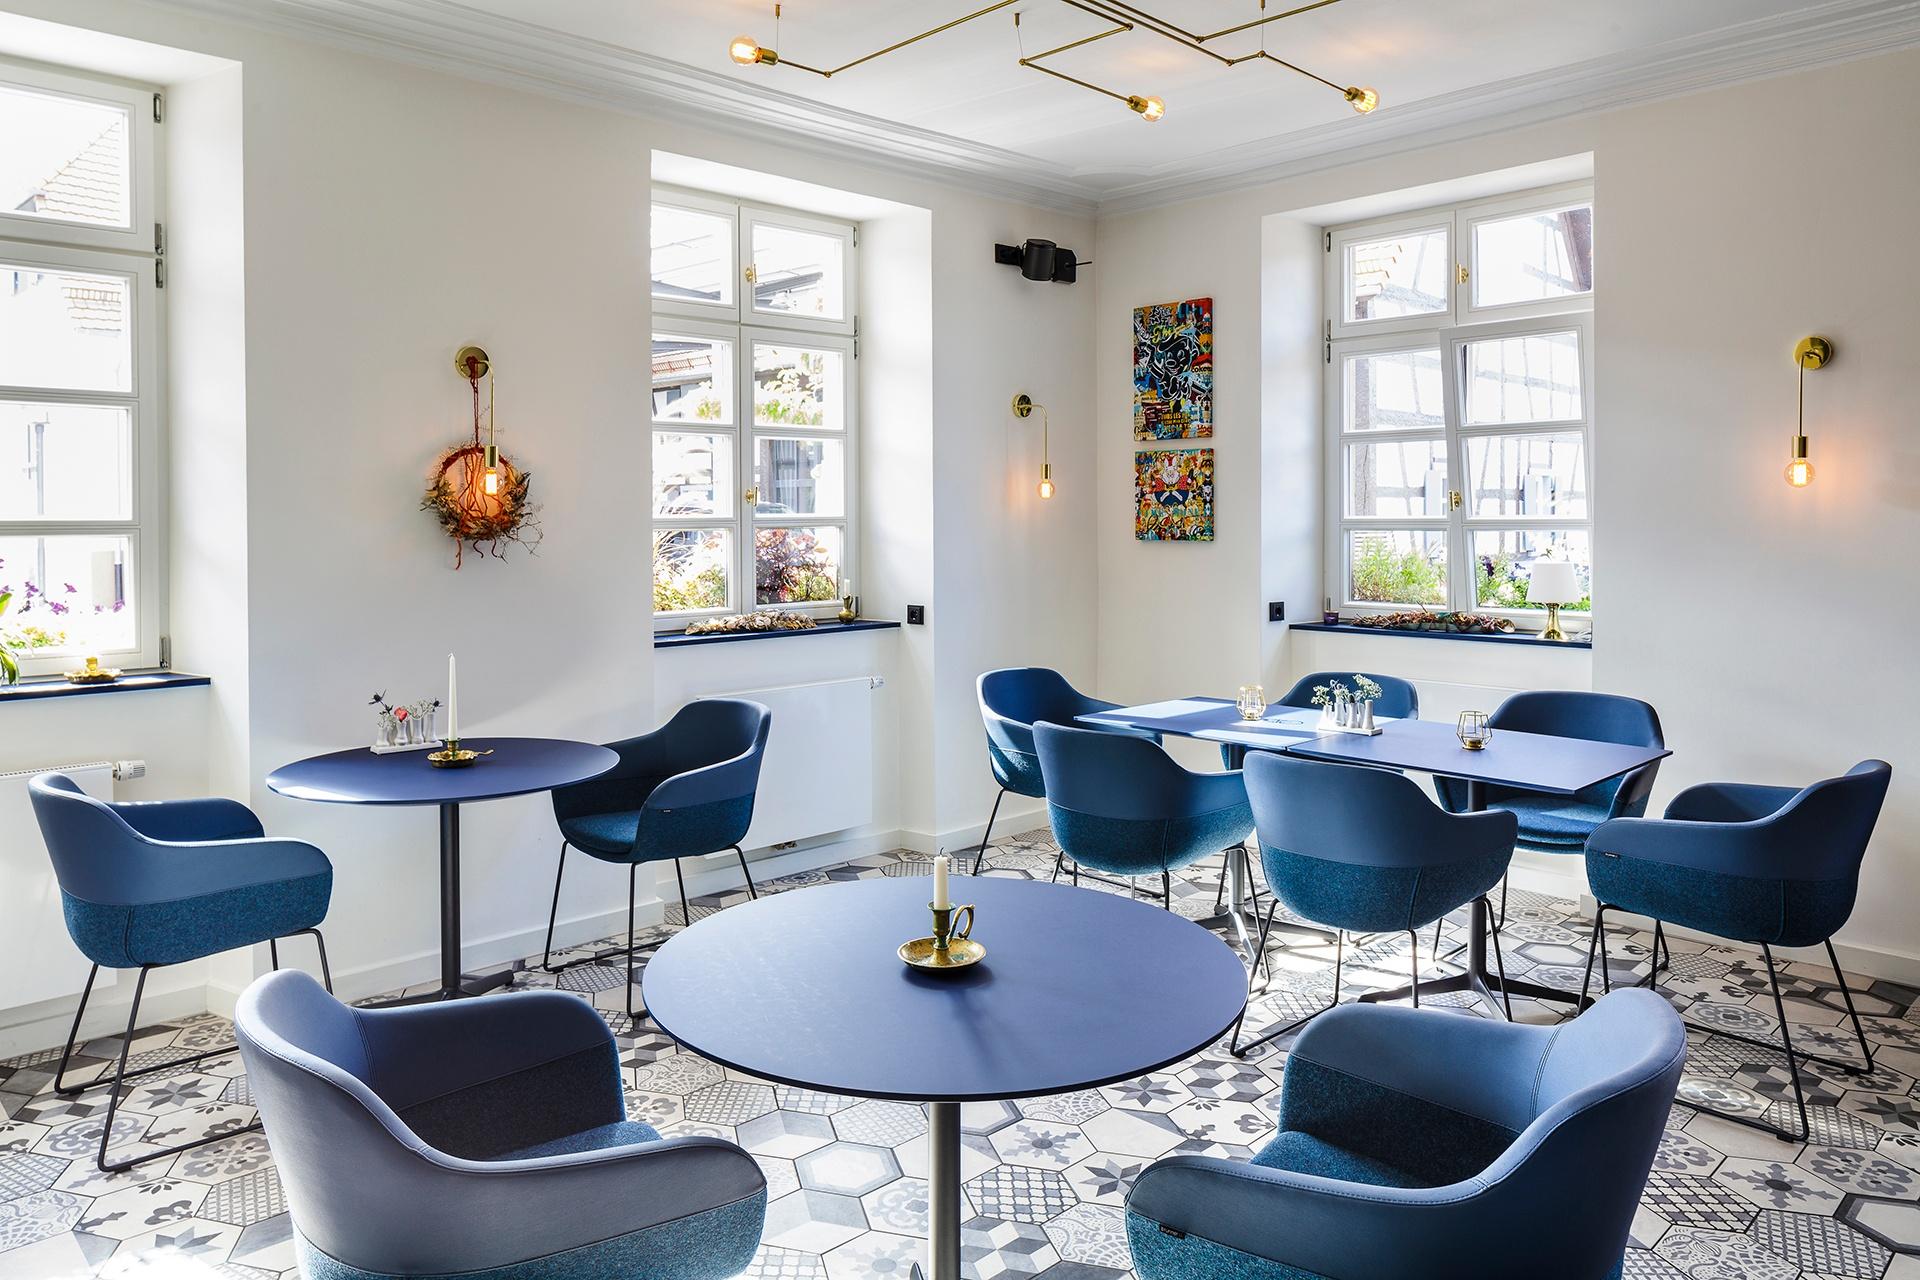 Restaurant med sjæl og charme er indrettet med møbler fra Brunner